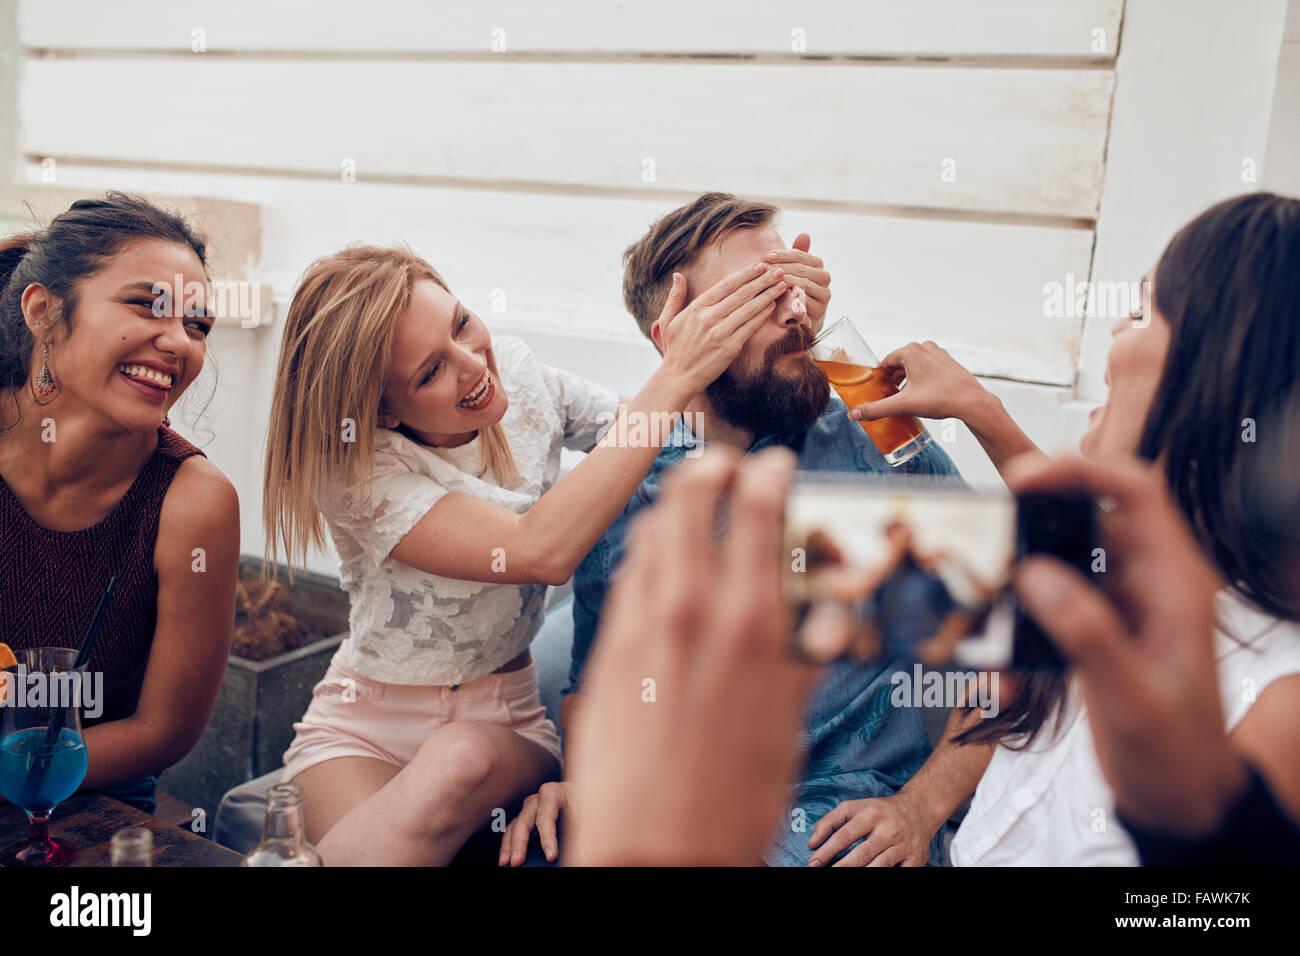 Jóvenes amigos divirtiéndose en parte ser fotografiado con un teléfono móvil. Los jóvenes Imagen De Stock